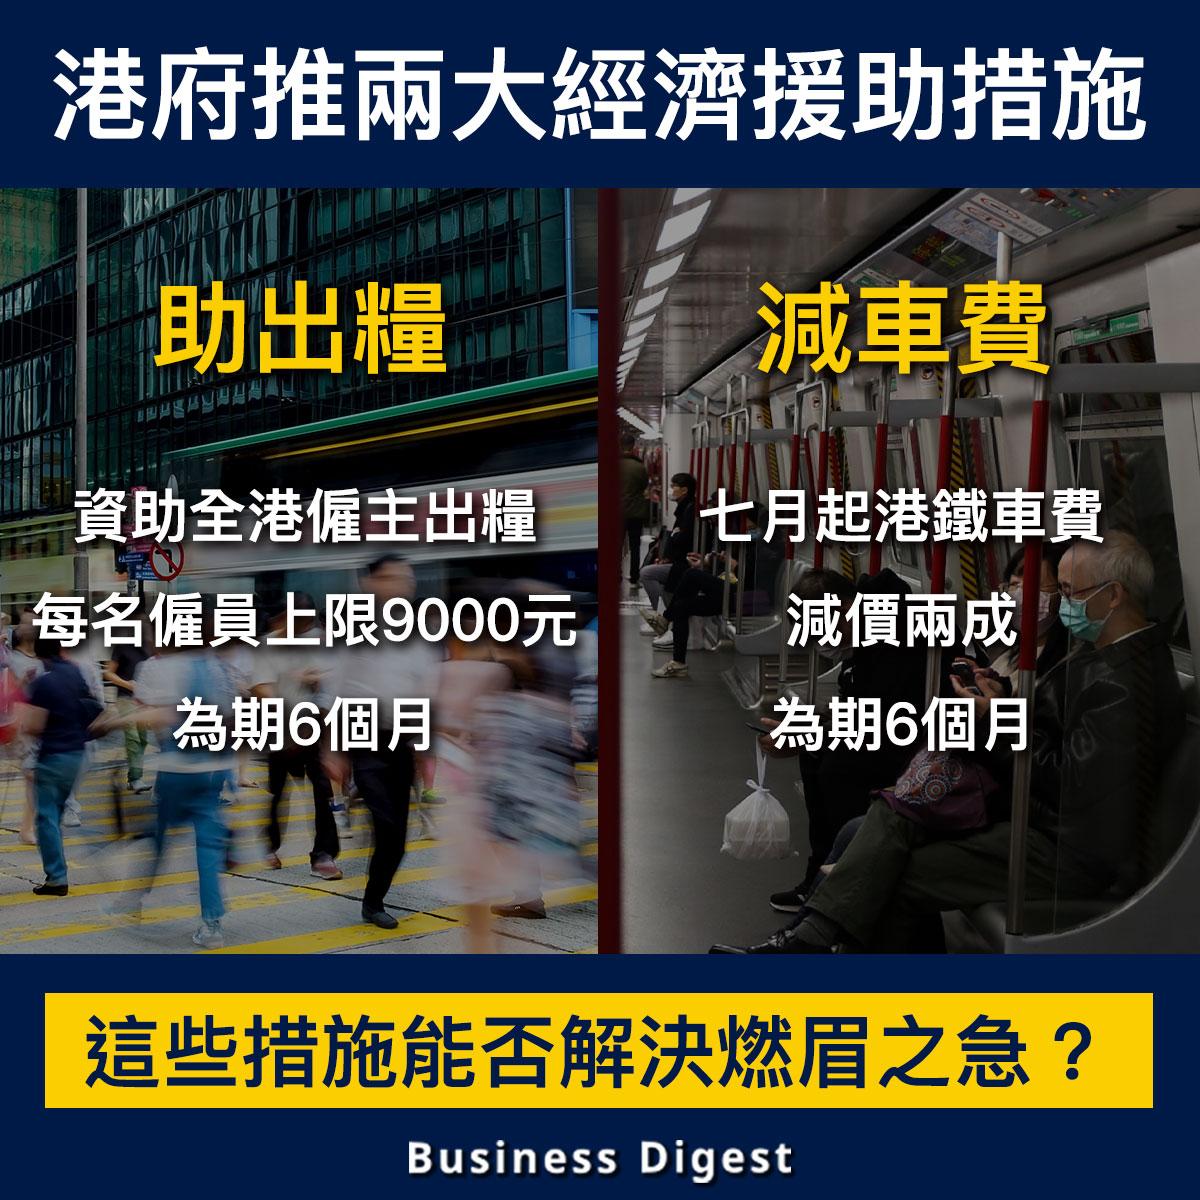 【商業熱話】港府推兩大經濟援助措施:助出糧、減車費